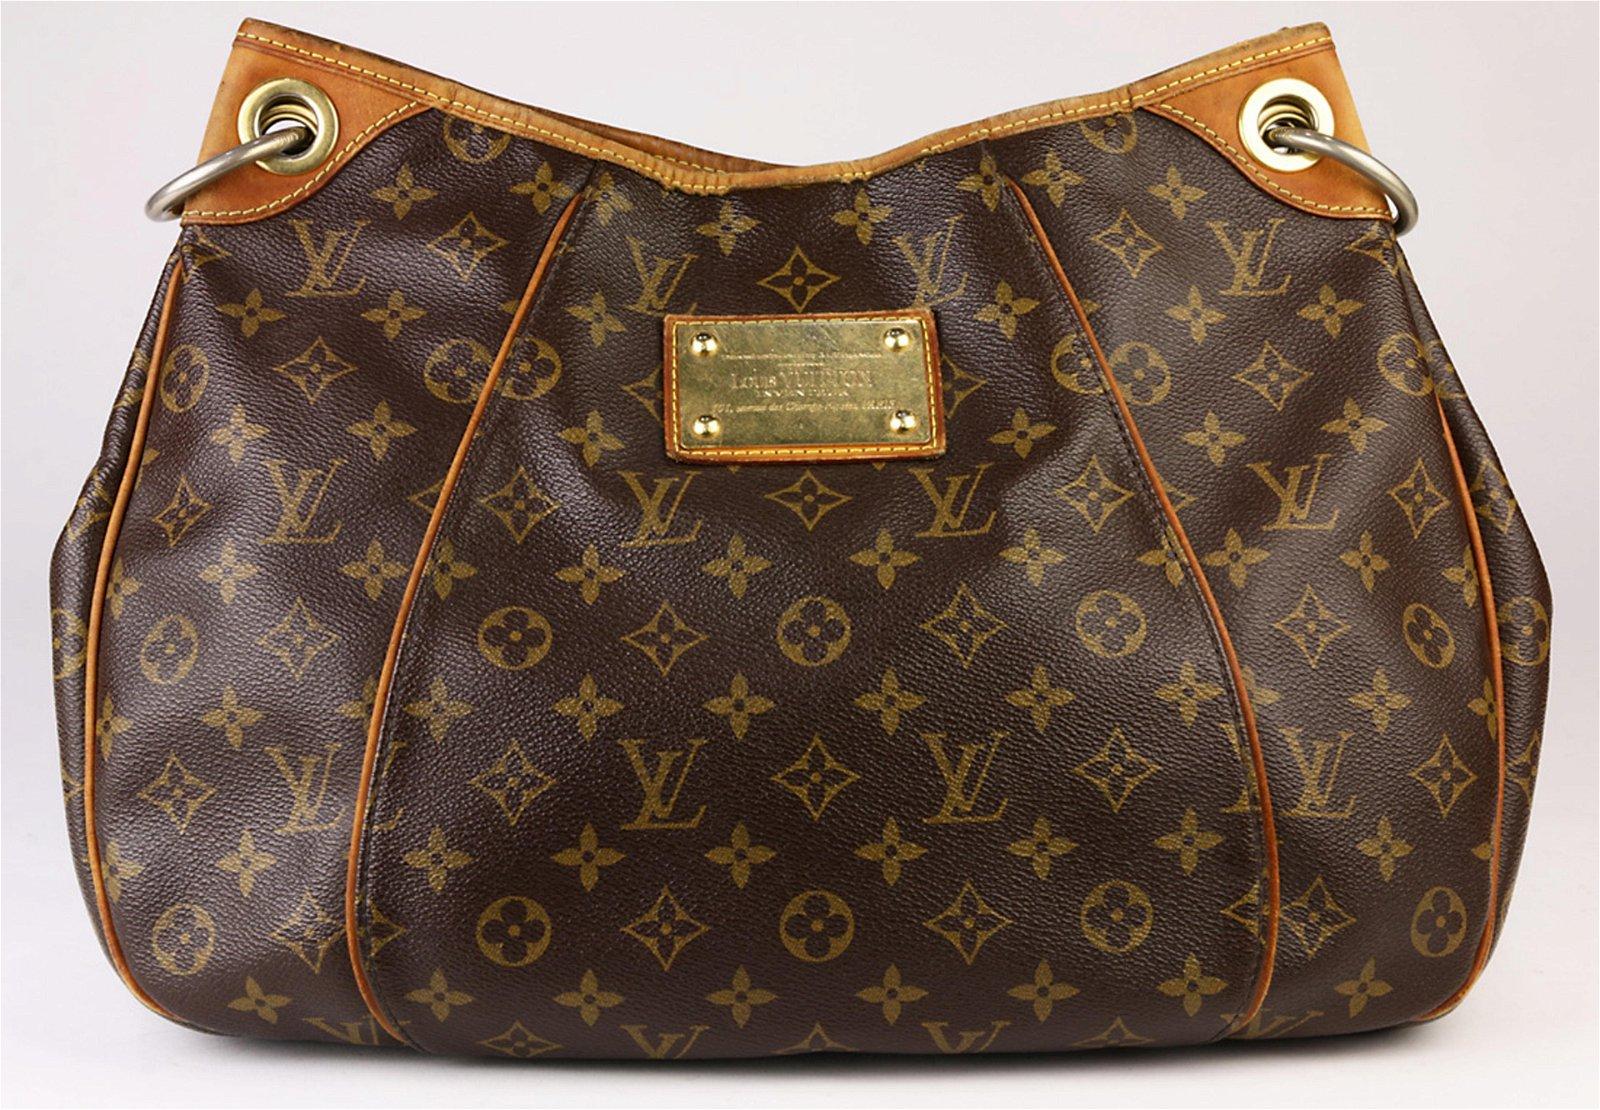 Louis Vuitton Galliera PM in Monogram Galliera Pm Brown